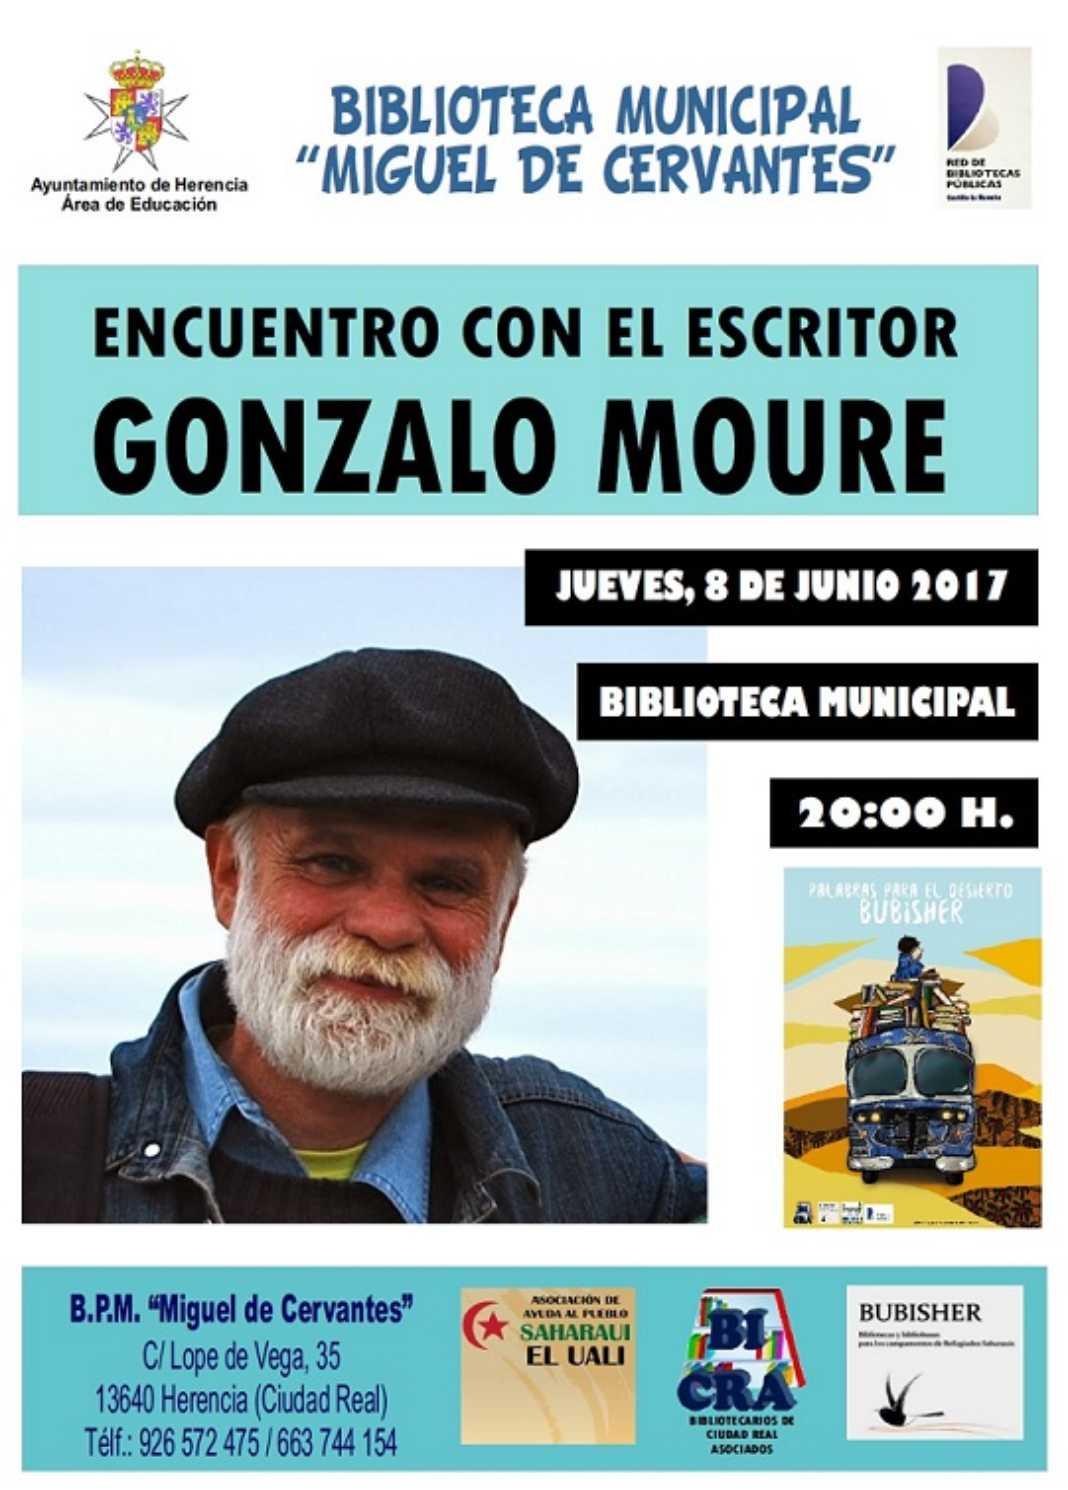 Encuentro con el escritor Gonzalo Moure 2